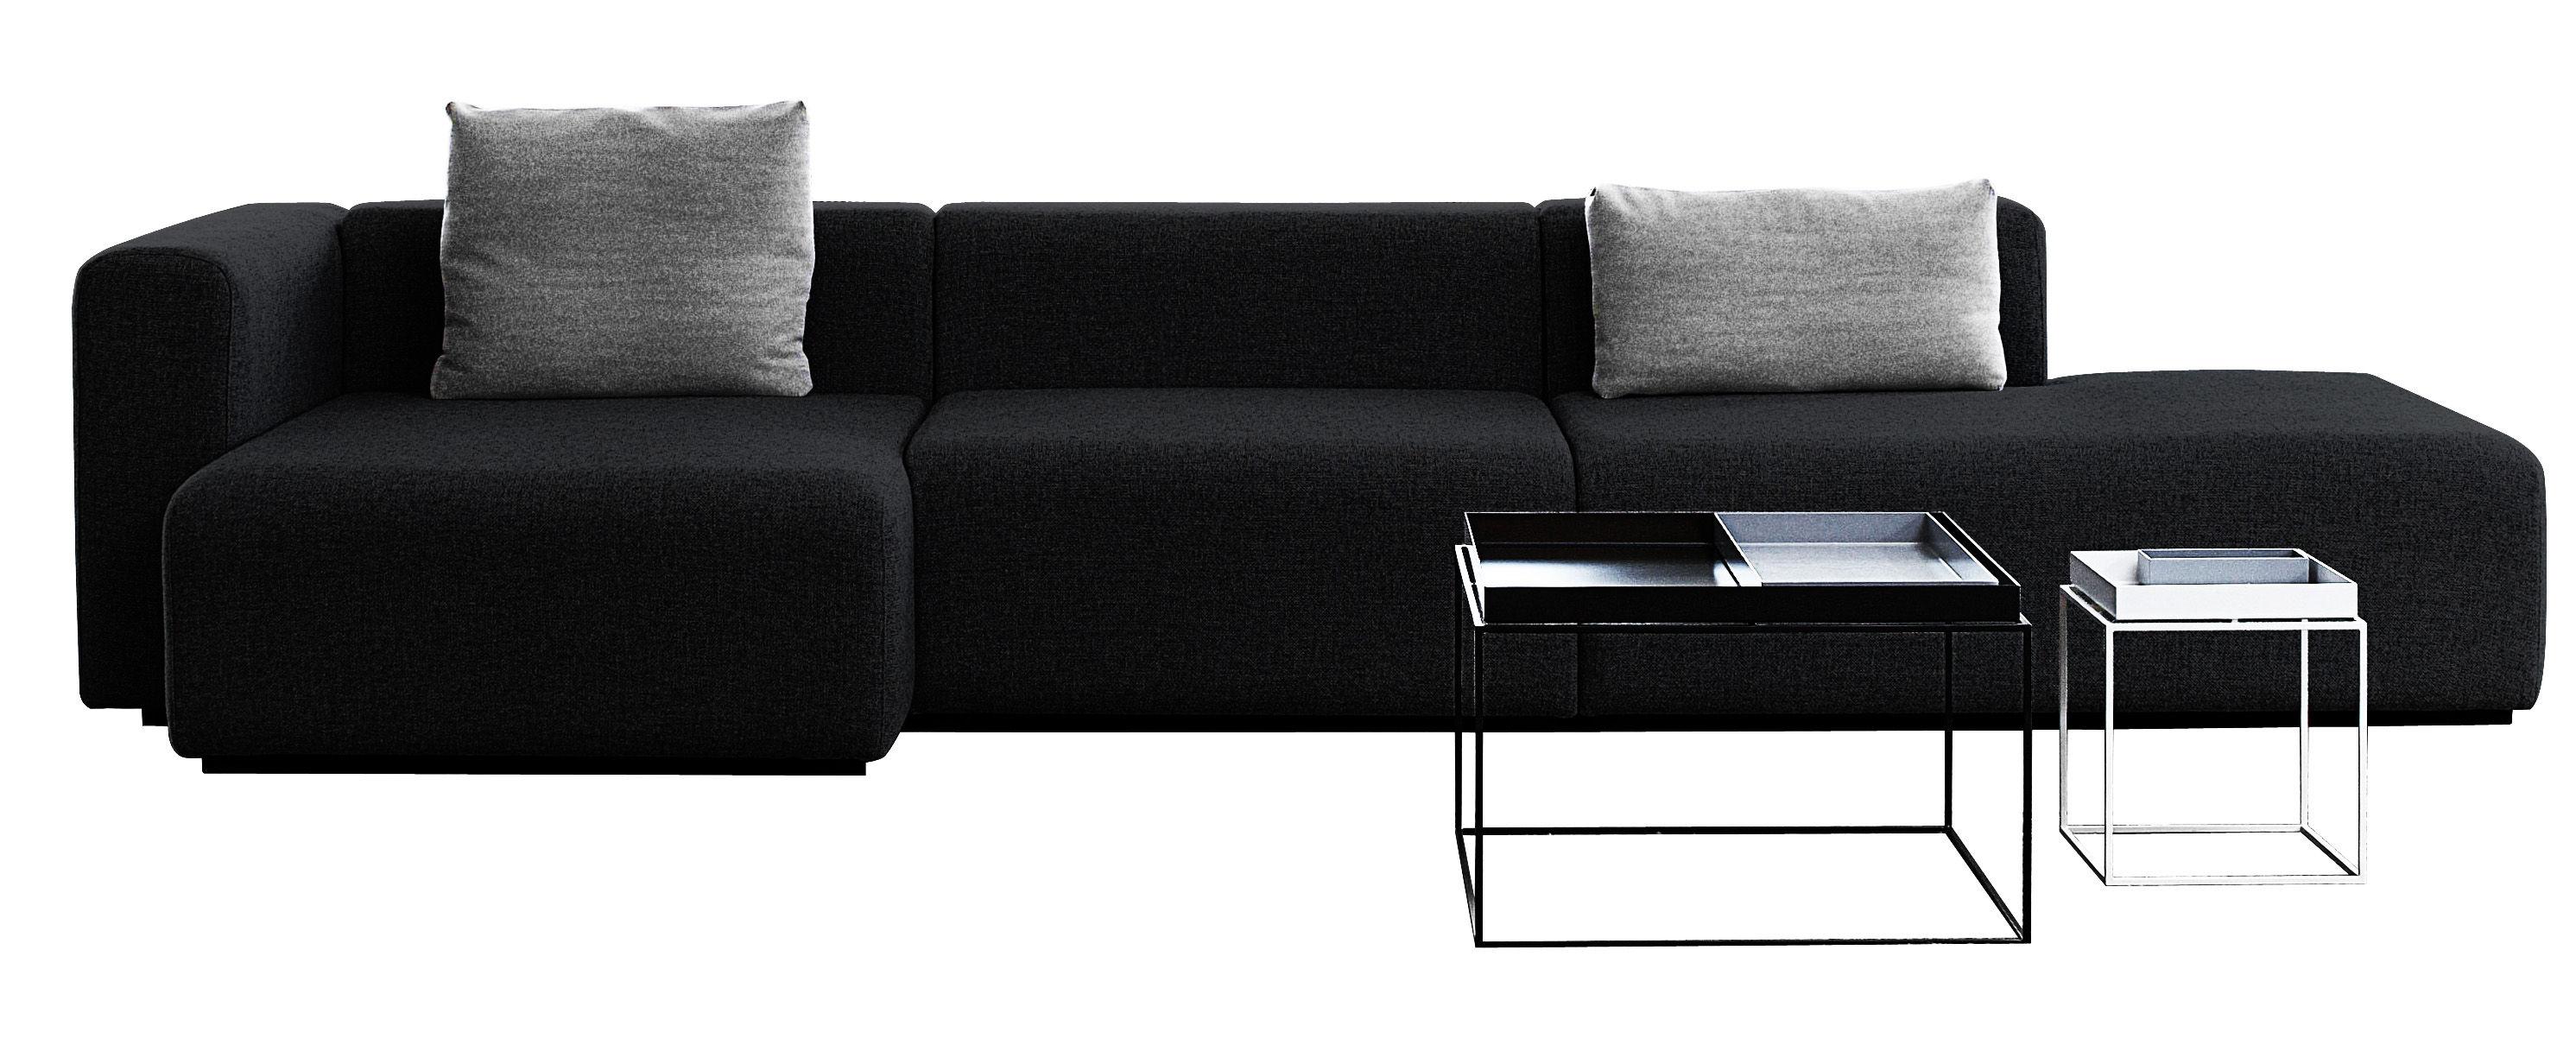 Mobilier - Canapés - Canapé d'angle Mags / L 342 cm - Accoudoir gauche - Hay - Gris foncé - Accoudoir gauche - Tissu